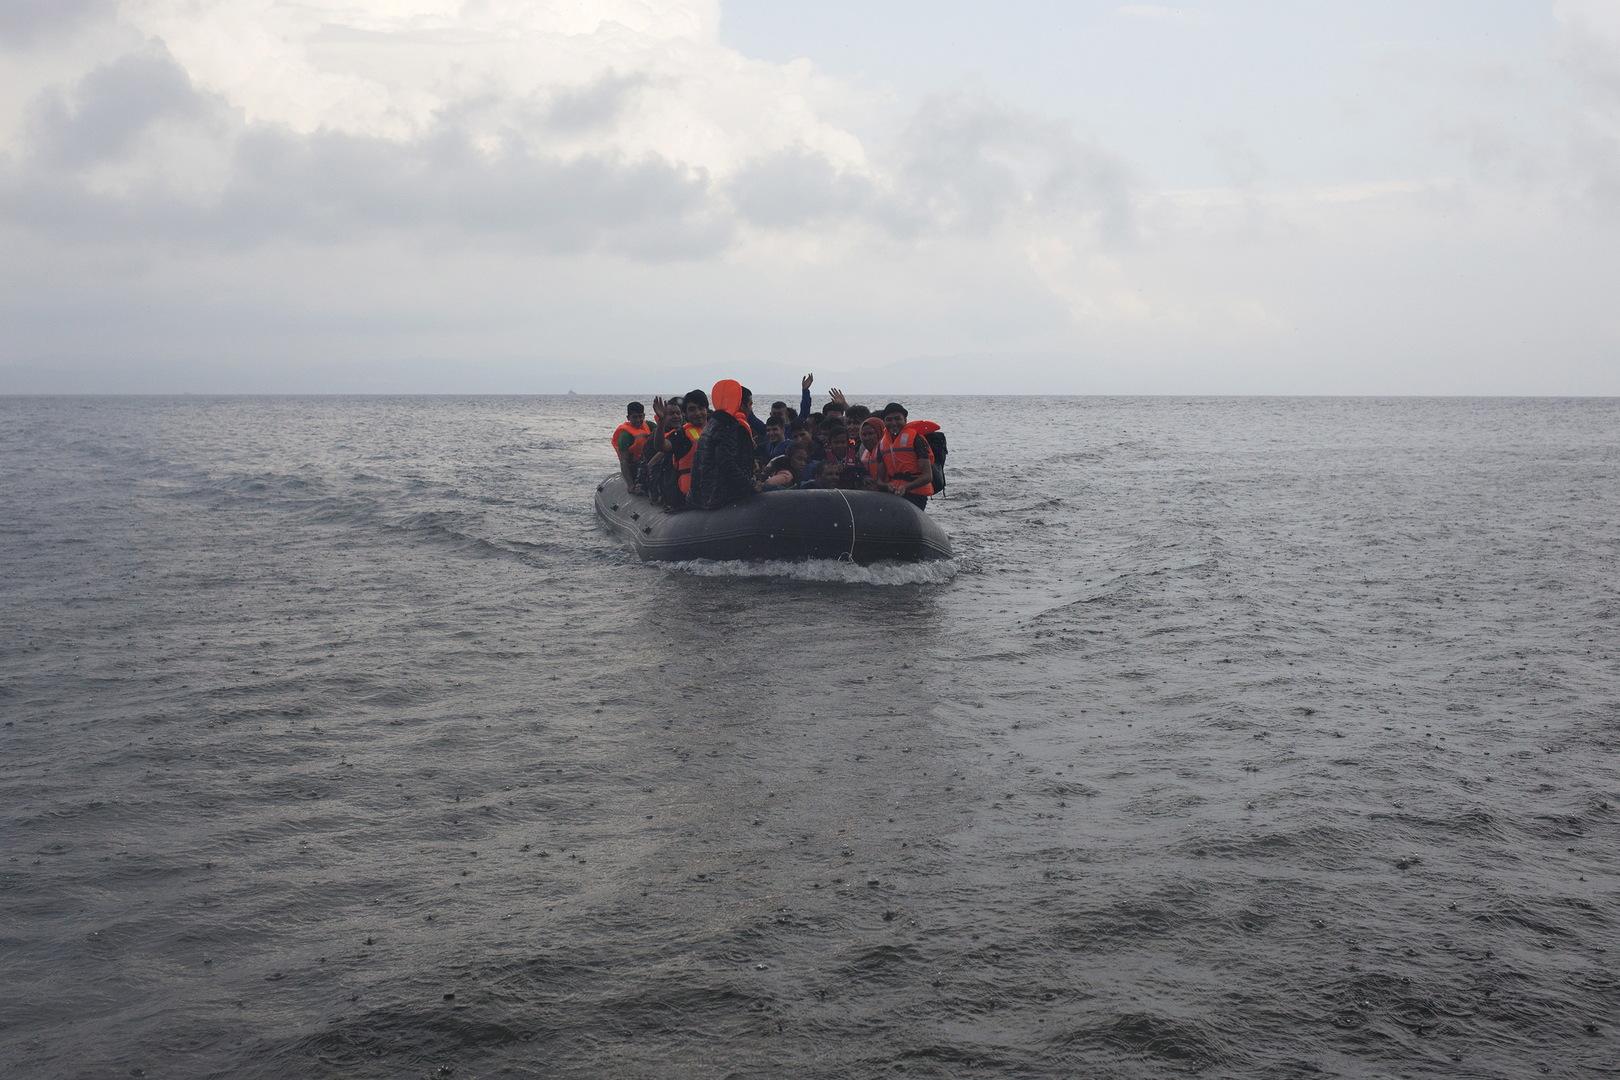 غموض يلف مصير 78 مهاجرا فروا من ليبيا عبر البحر